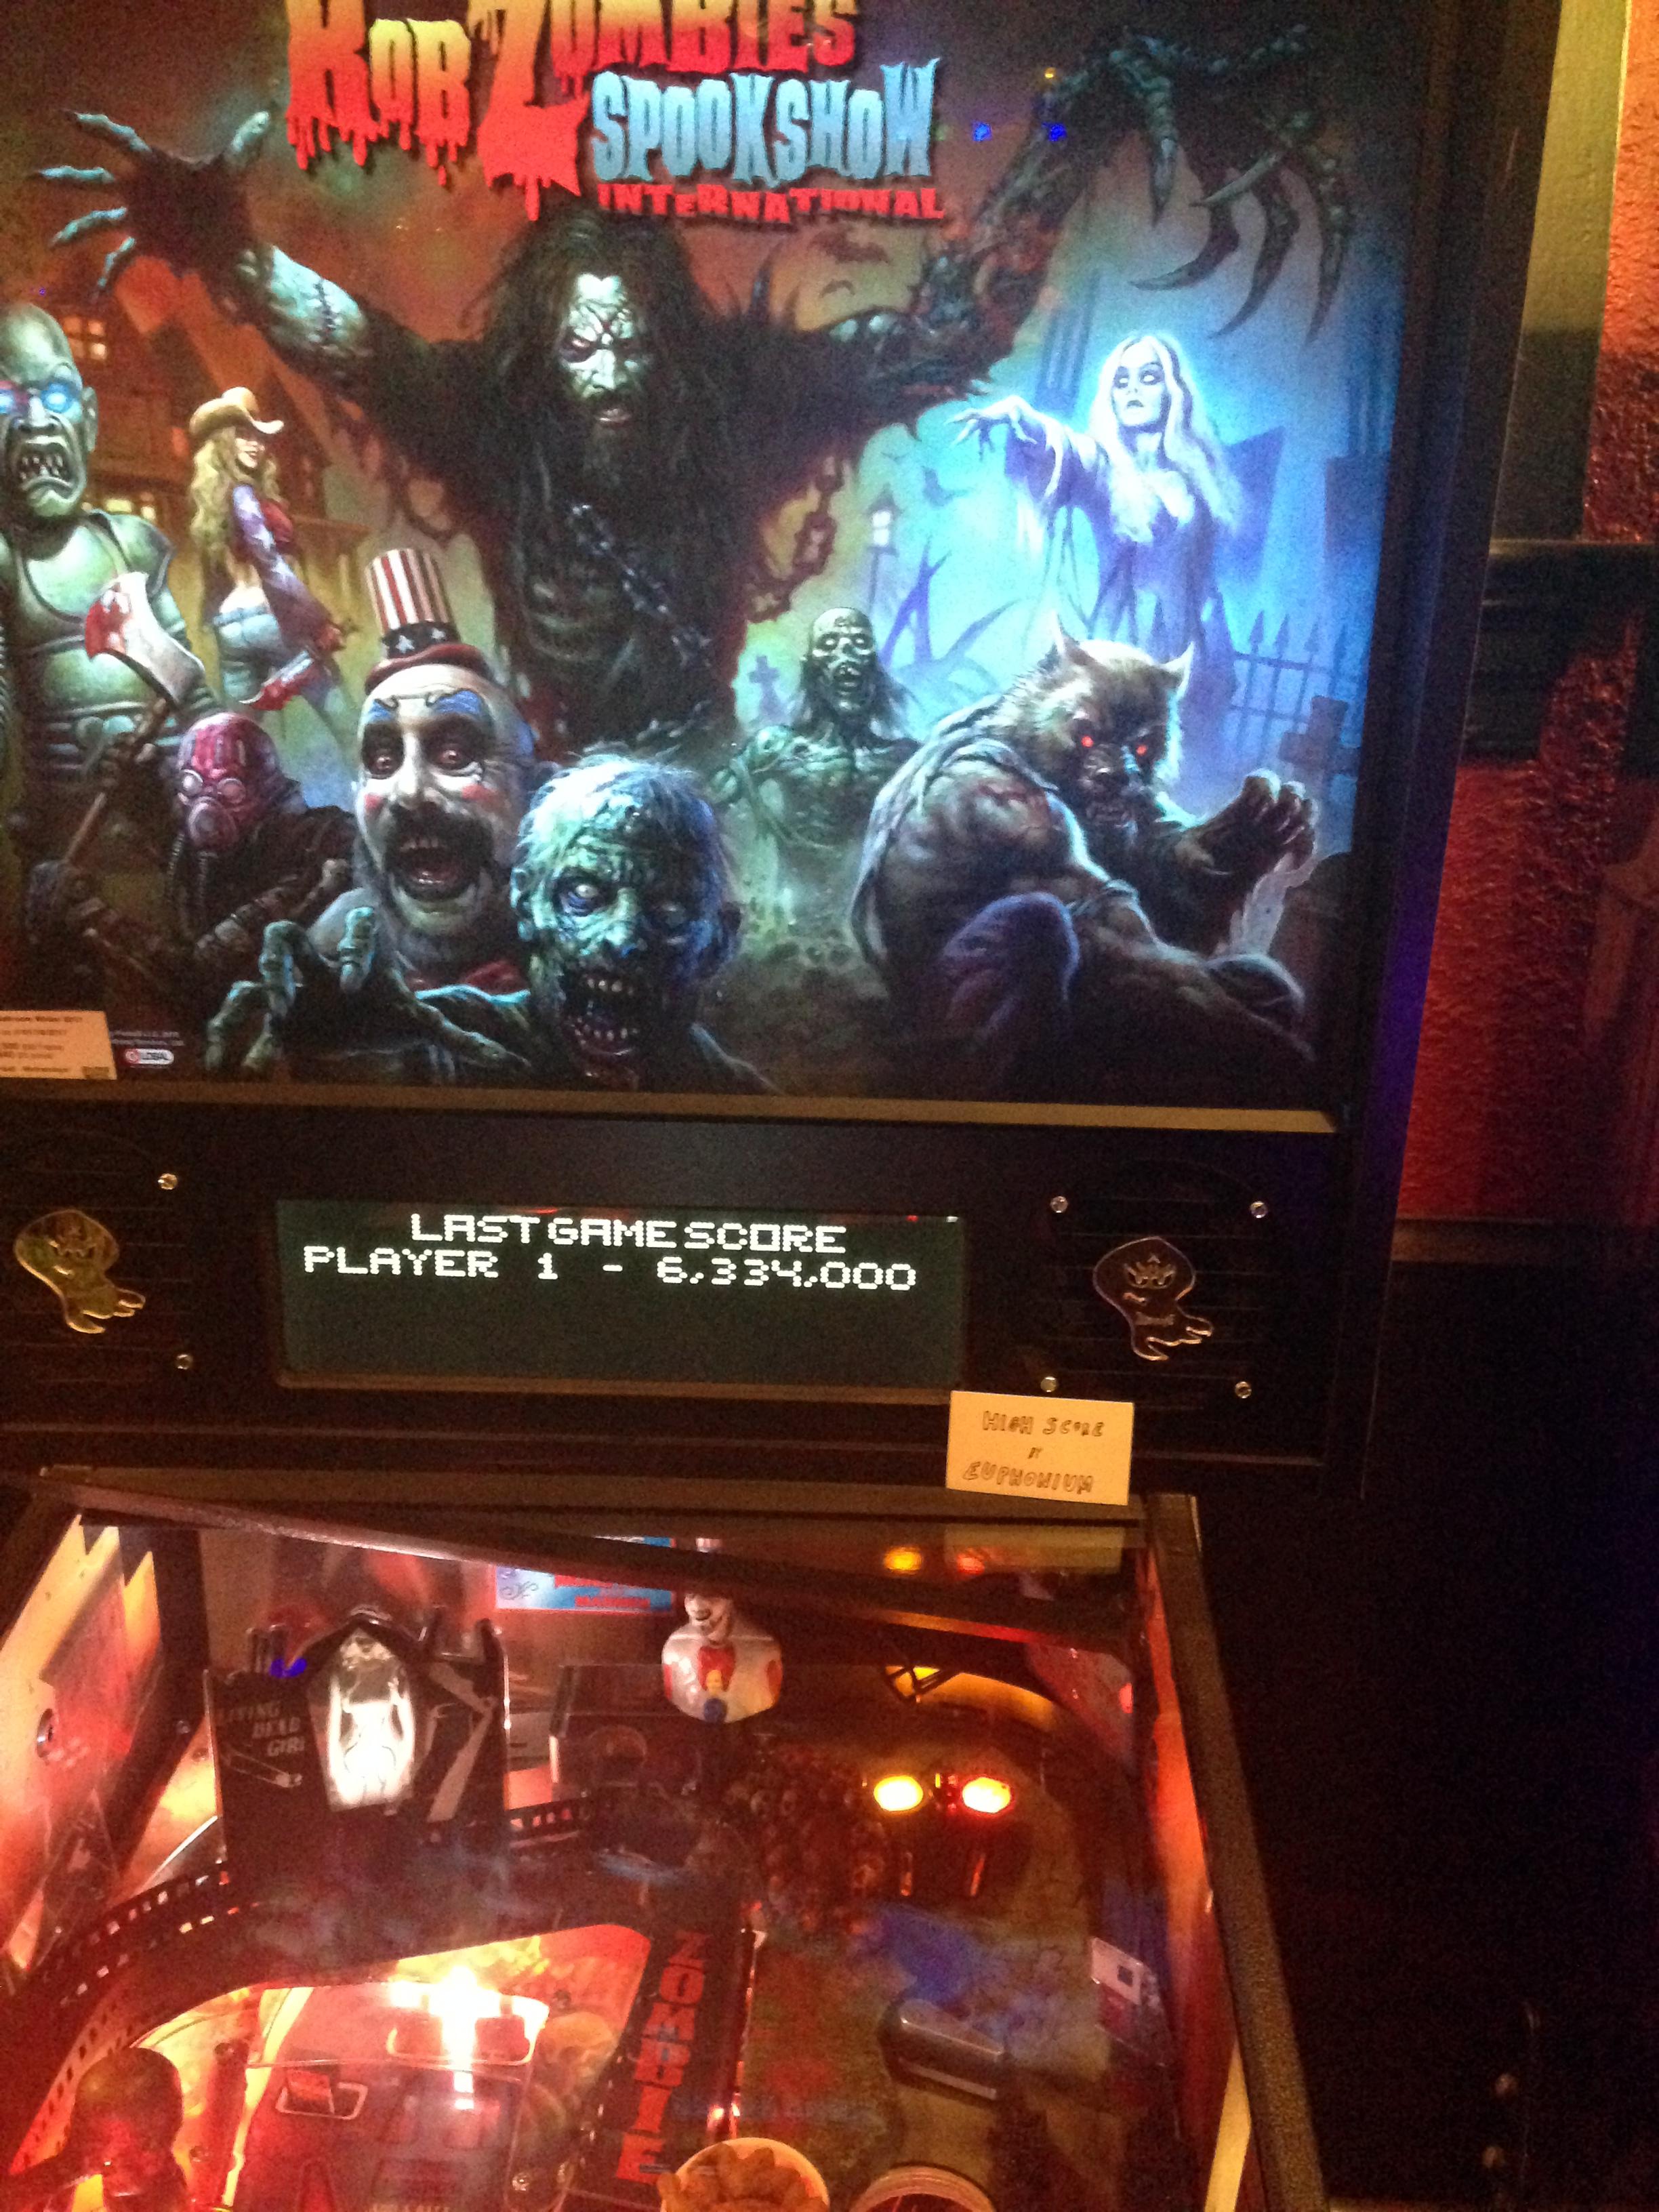 euphonium: Rob Zombie